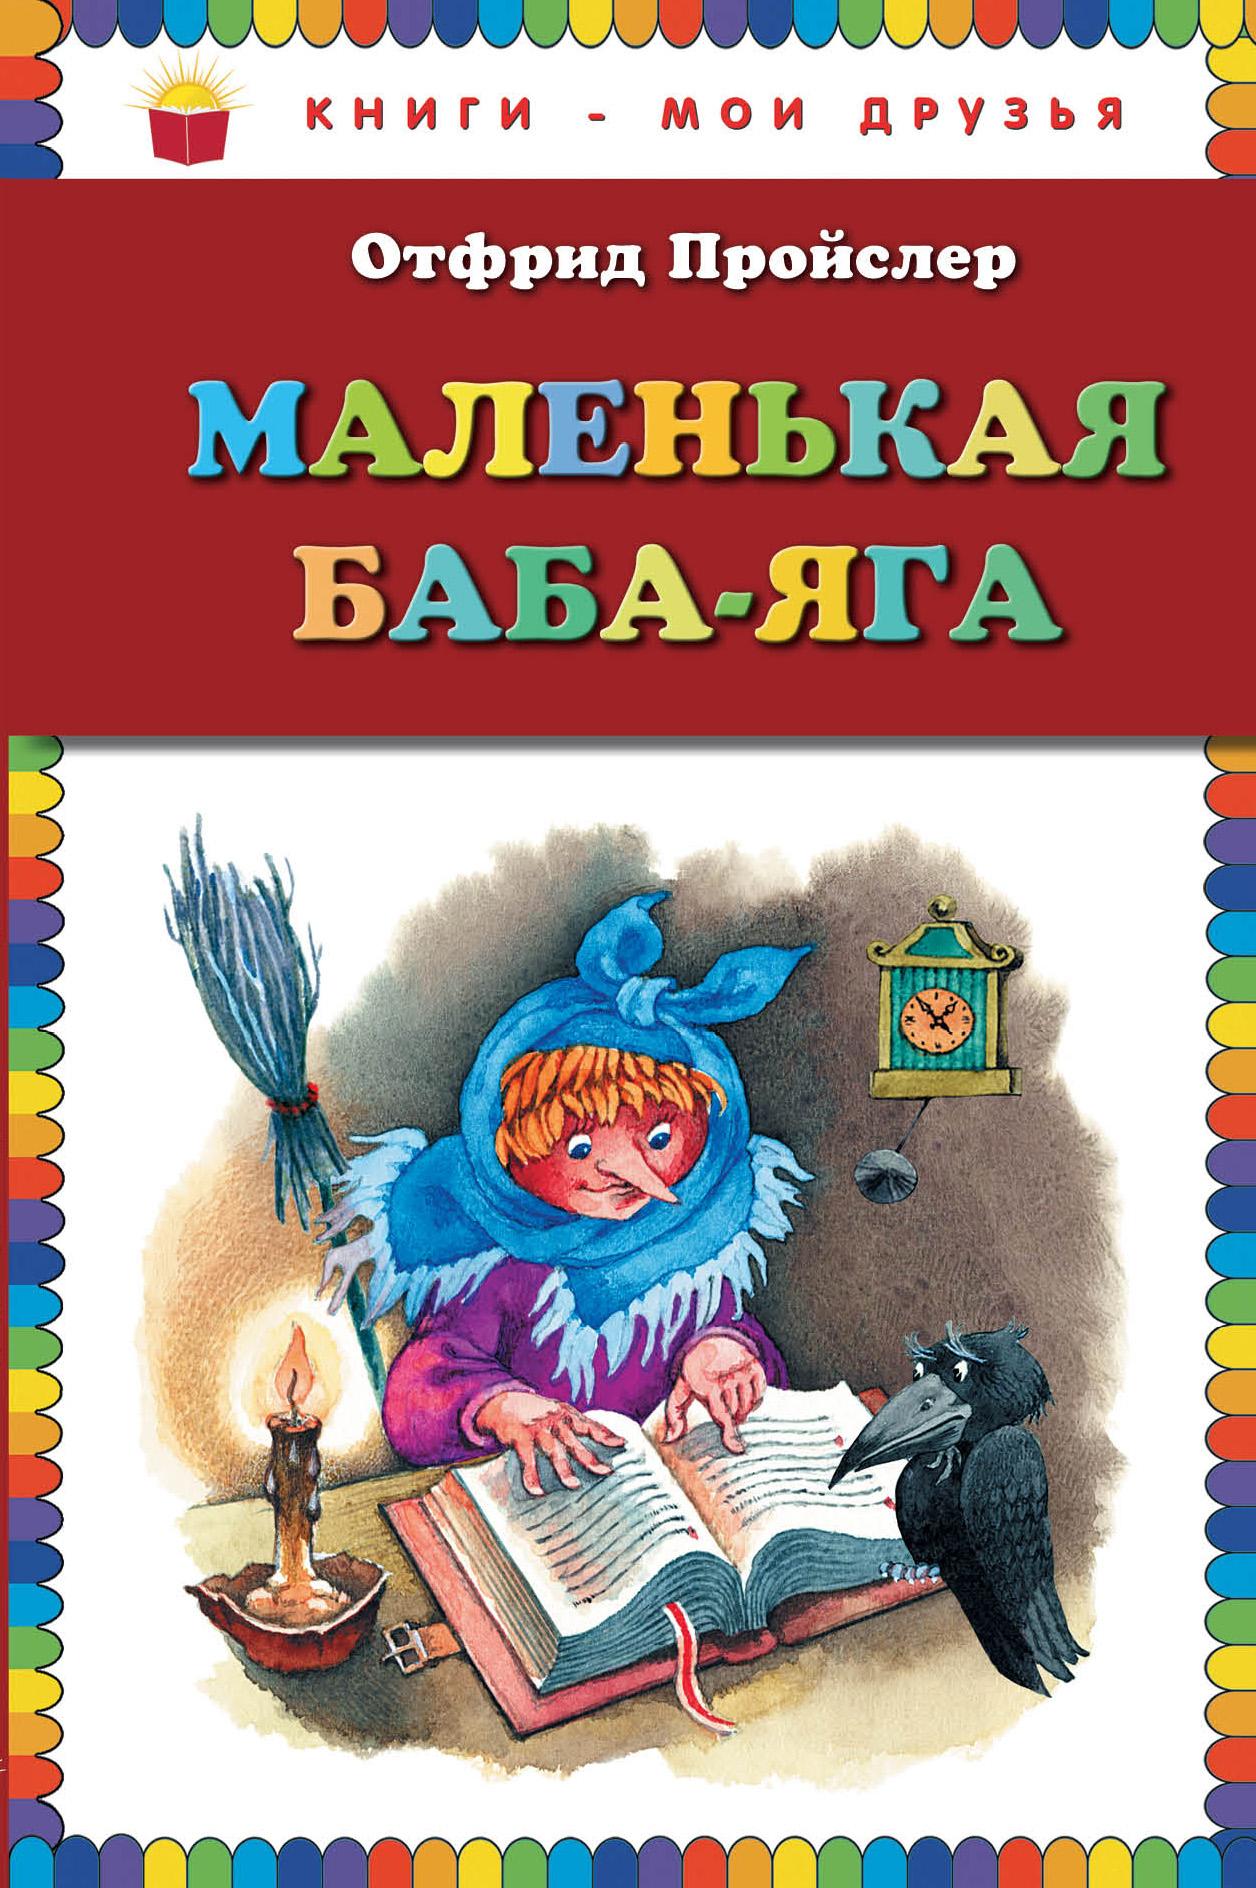 Маленькая Баба-Яга (пер. Ю. Коринца, ил. В. Родионова)